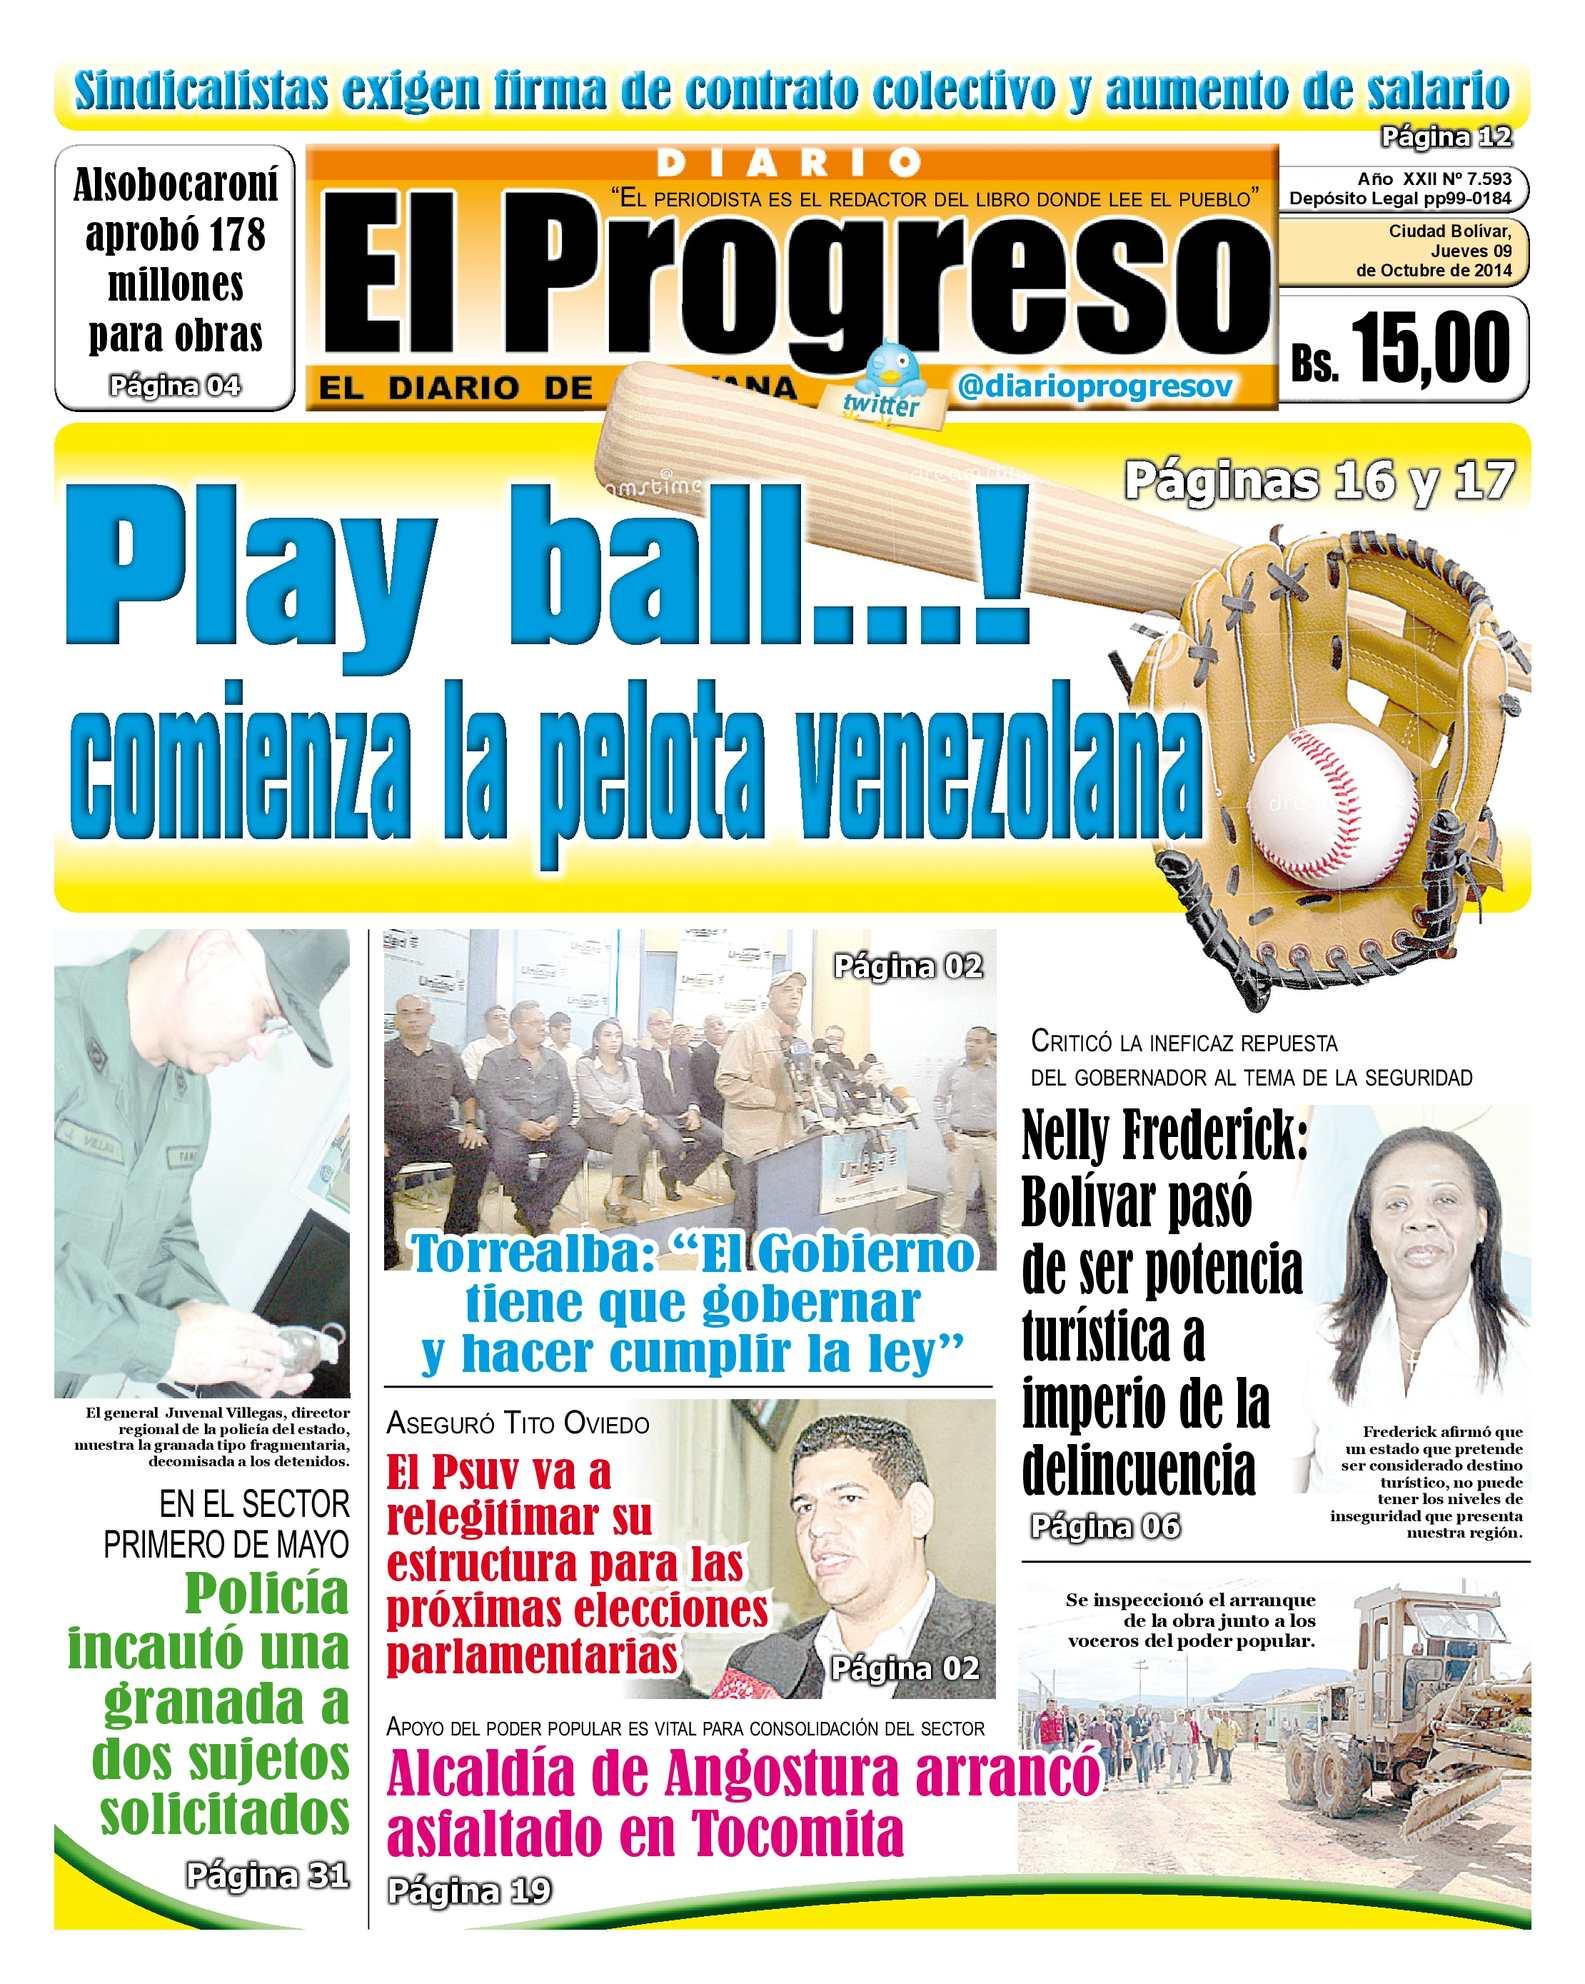 Calaméo - DiarioelprogresoEdicióndigital 09-10-2014